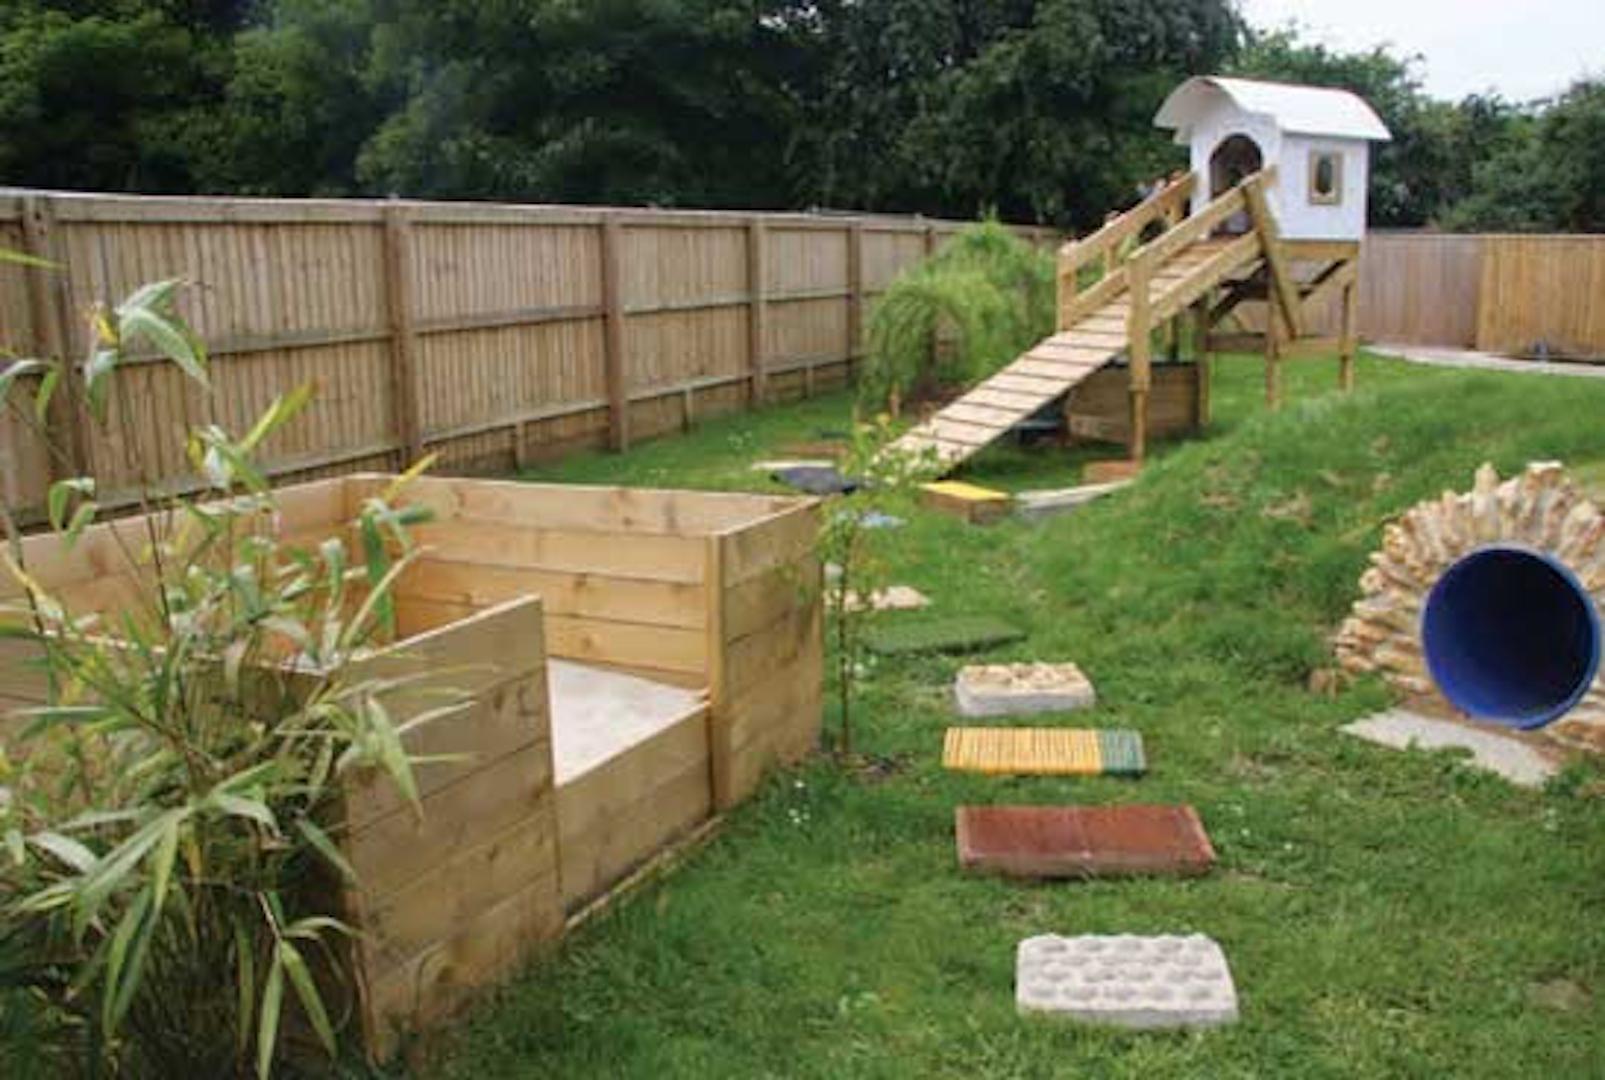 Un Terrain Adapté Aux Chiens – Jardinier Paresseux pour Barriere Jardin Pour Chien